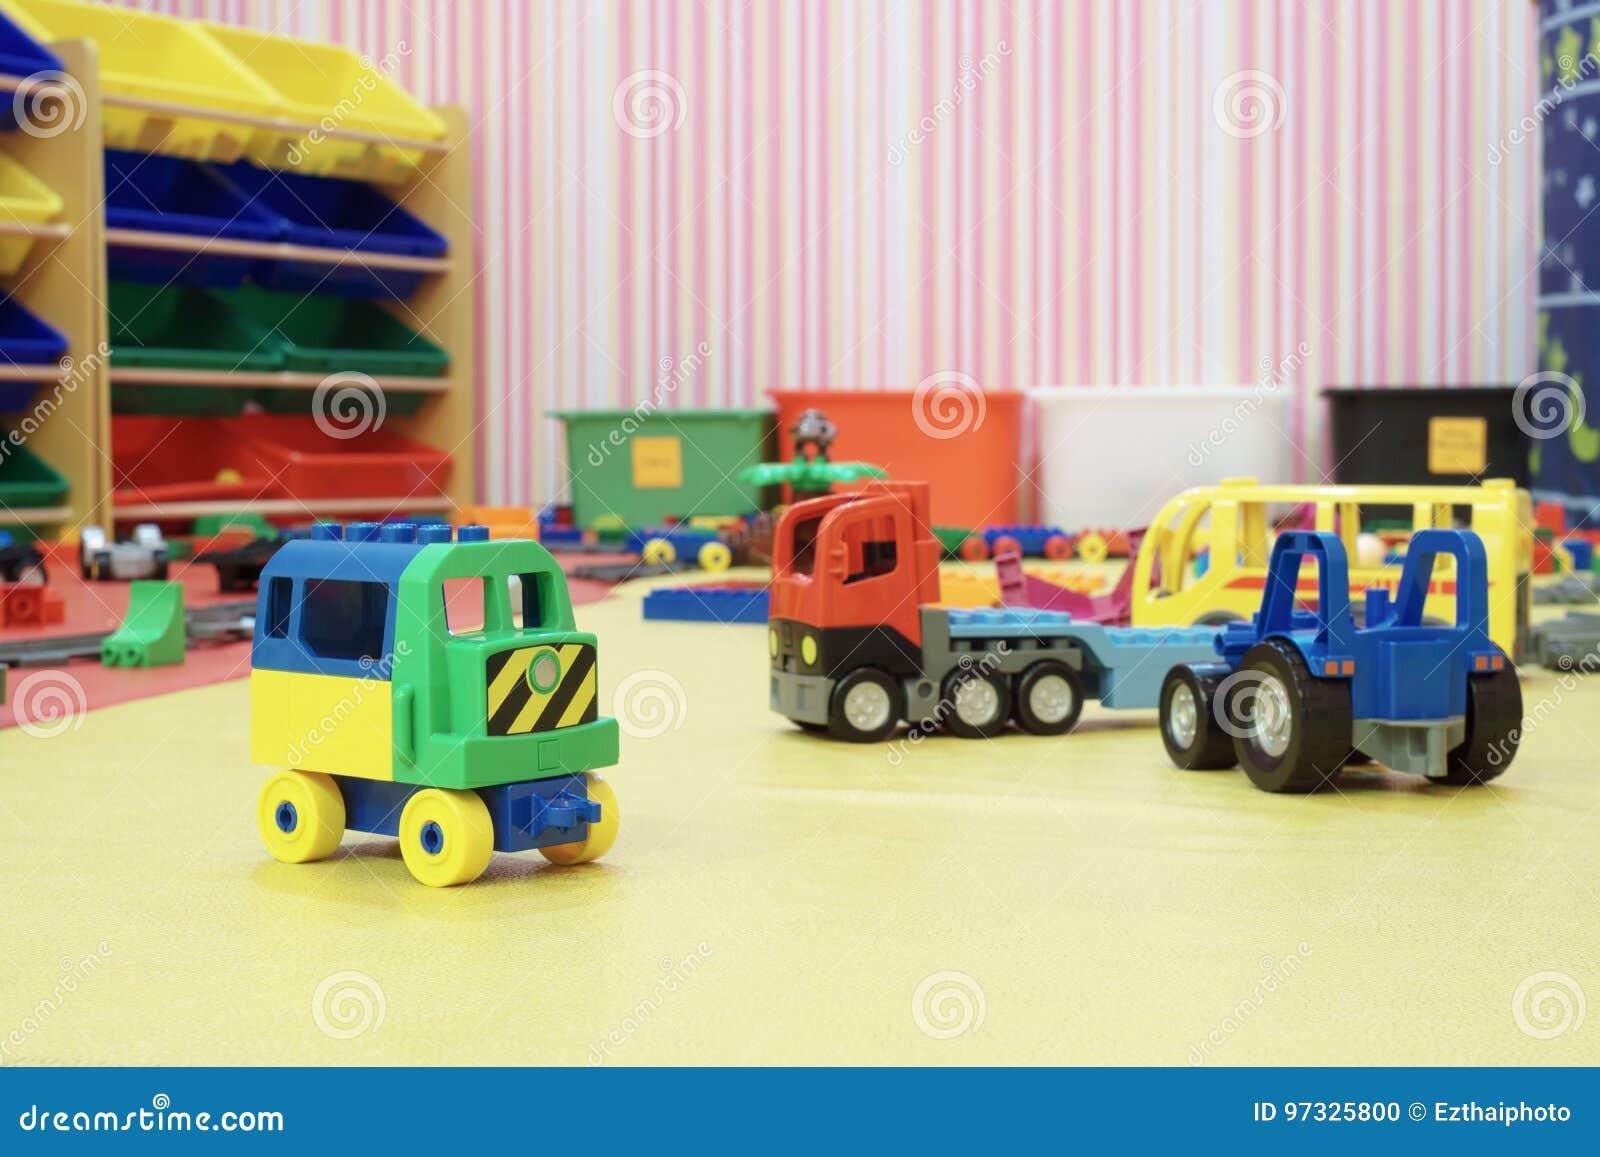 塑料汽车玩具在孩子的屋子里